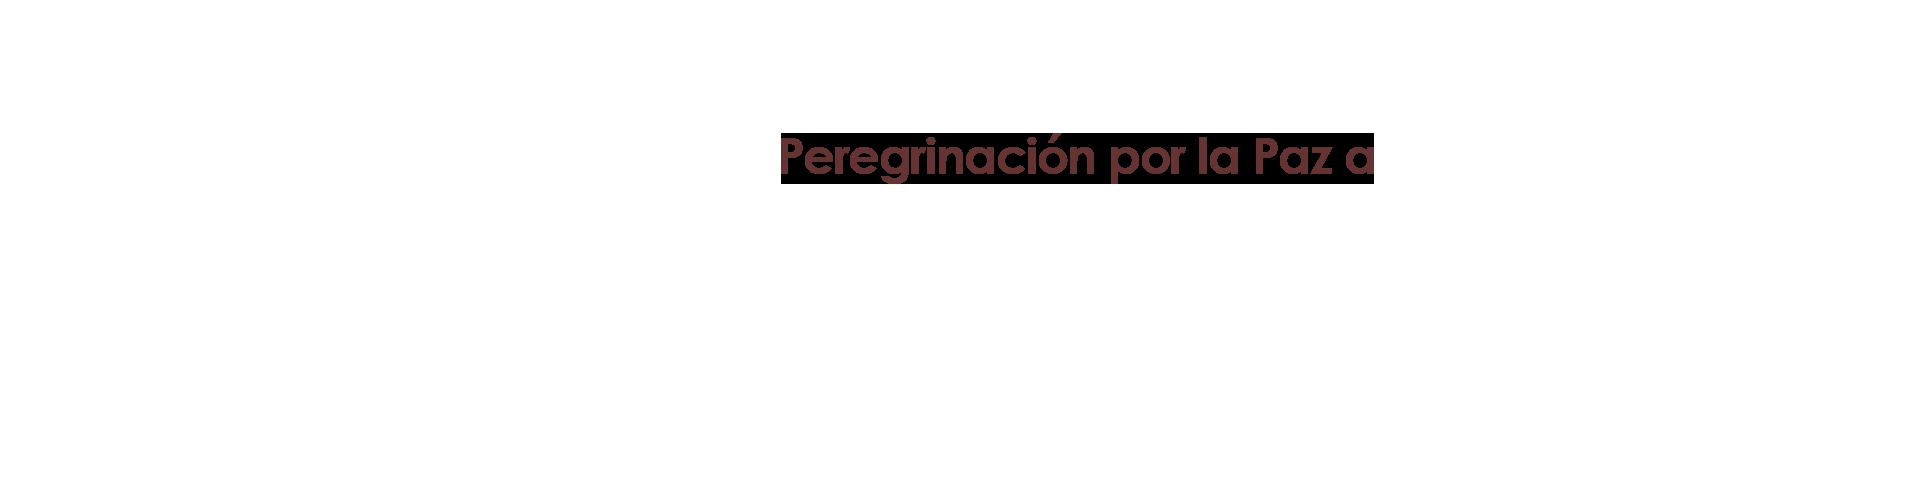 web_subtitulo_esp.png